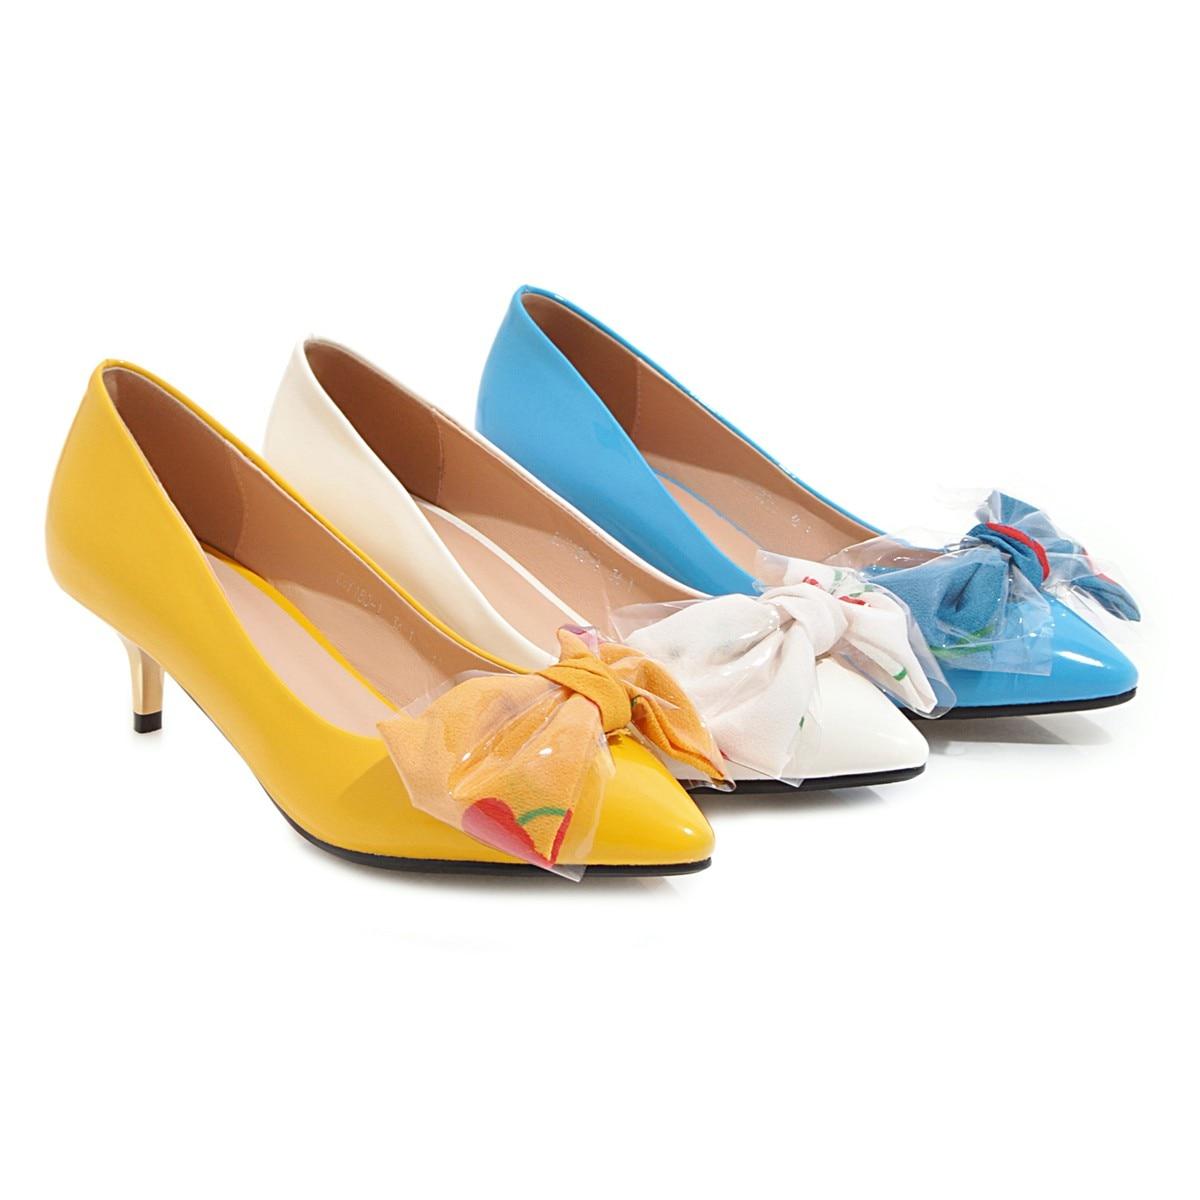 Bureau Chaussures Mariage Peu jaune Pointu Cuir blanc De Mode Nouvelle Pompes 2019 Ol Esrfiyfe Talons Bout Concis Bleu En Hauts Doux Femmes Profonde B7qwXxIH